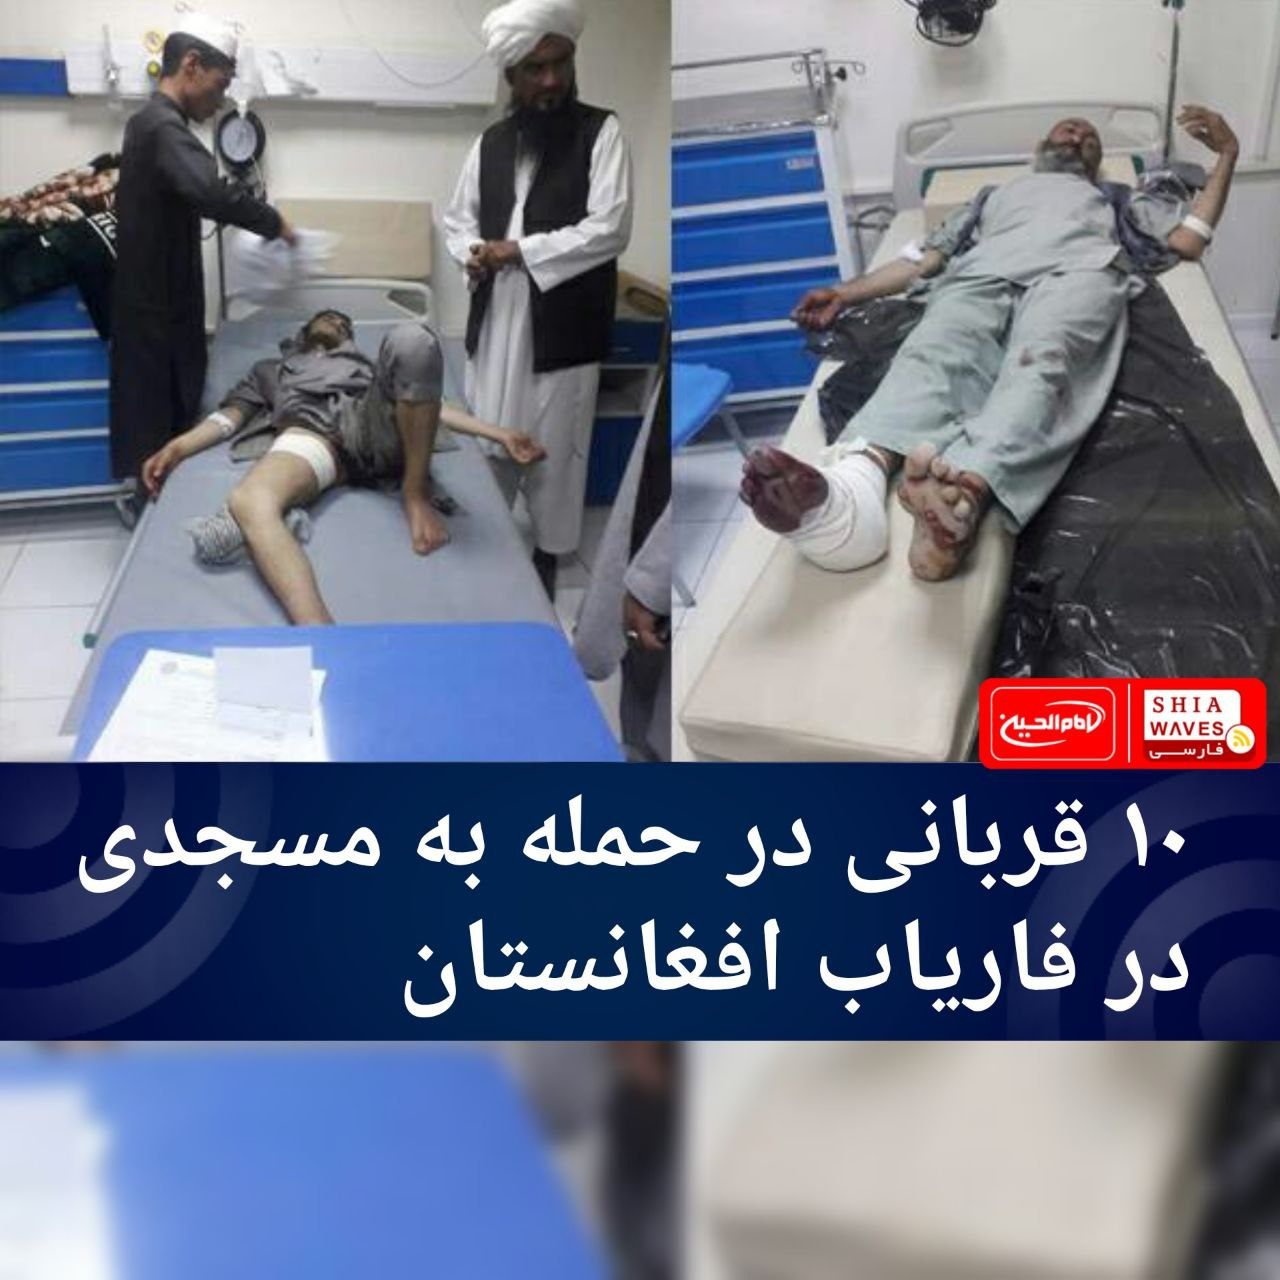 تصویر ۱۰ قربانی در حمله به مسجدی در فارياب افغانستان